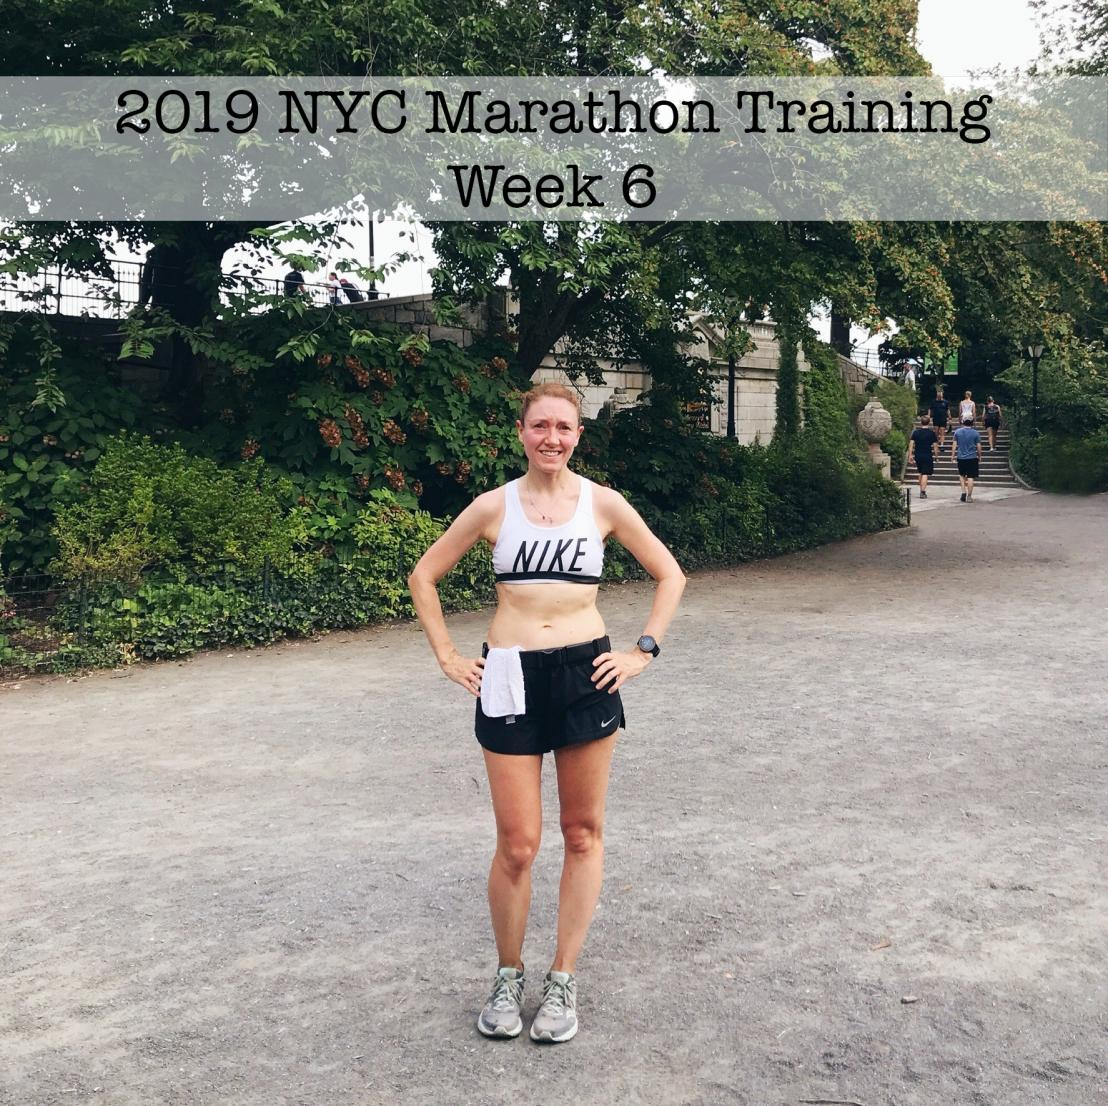 IMG_9173 2019 NYC Marathon Training Week 6